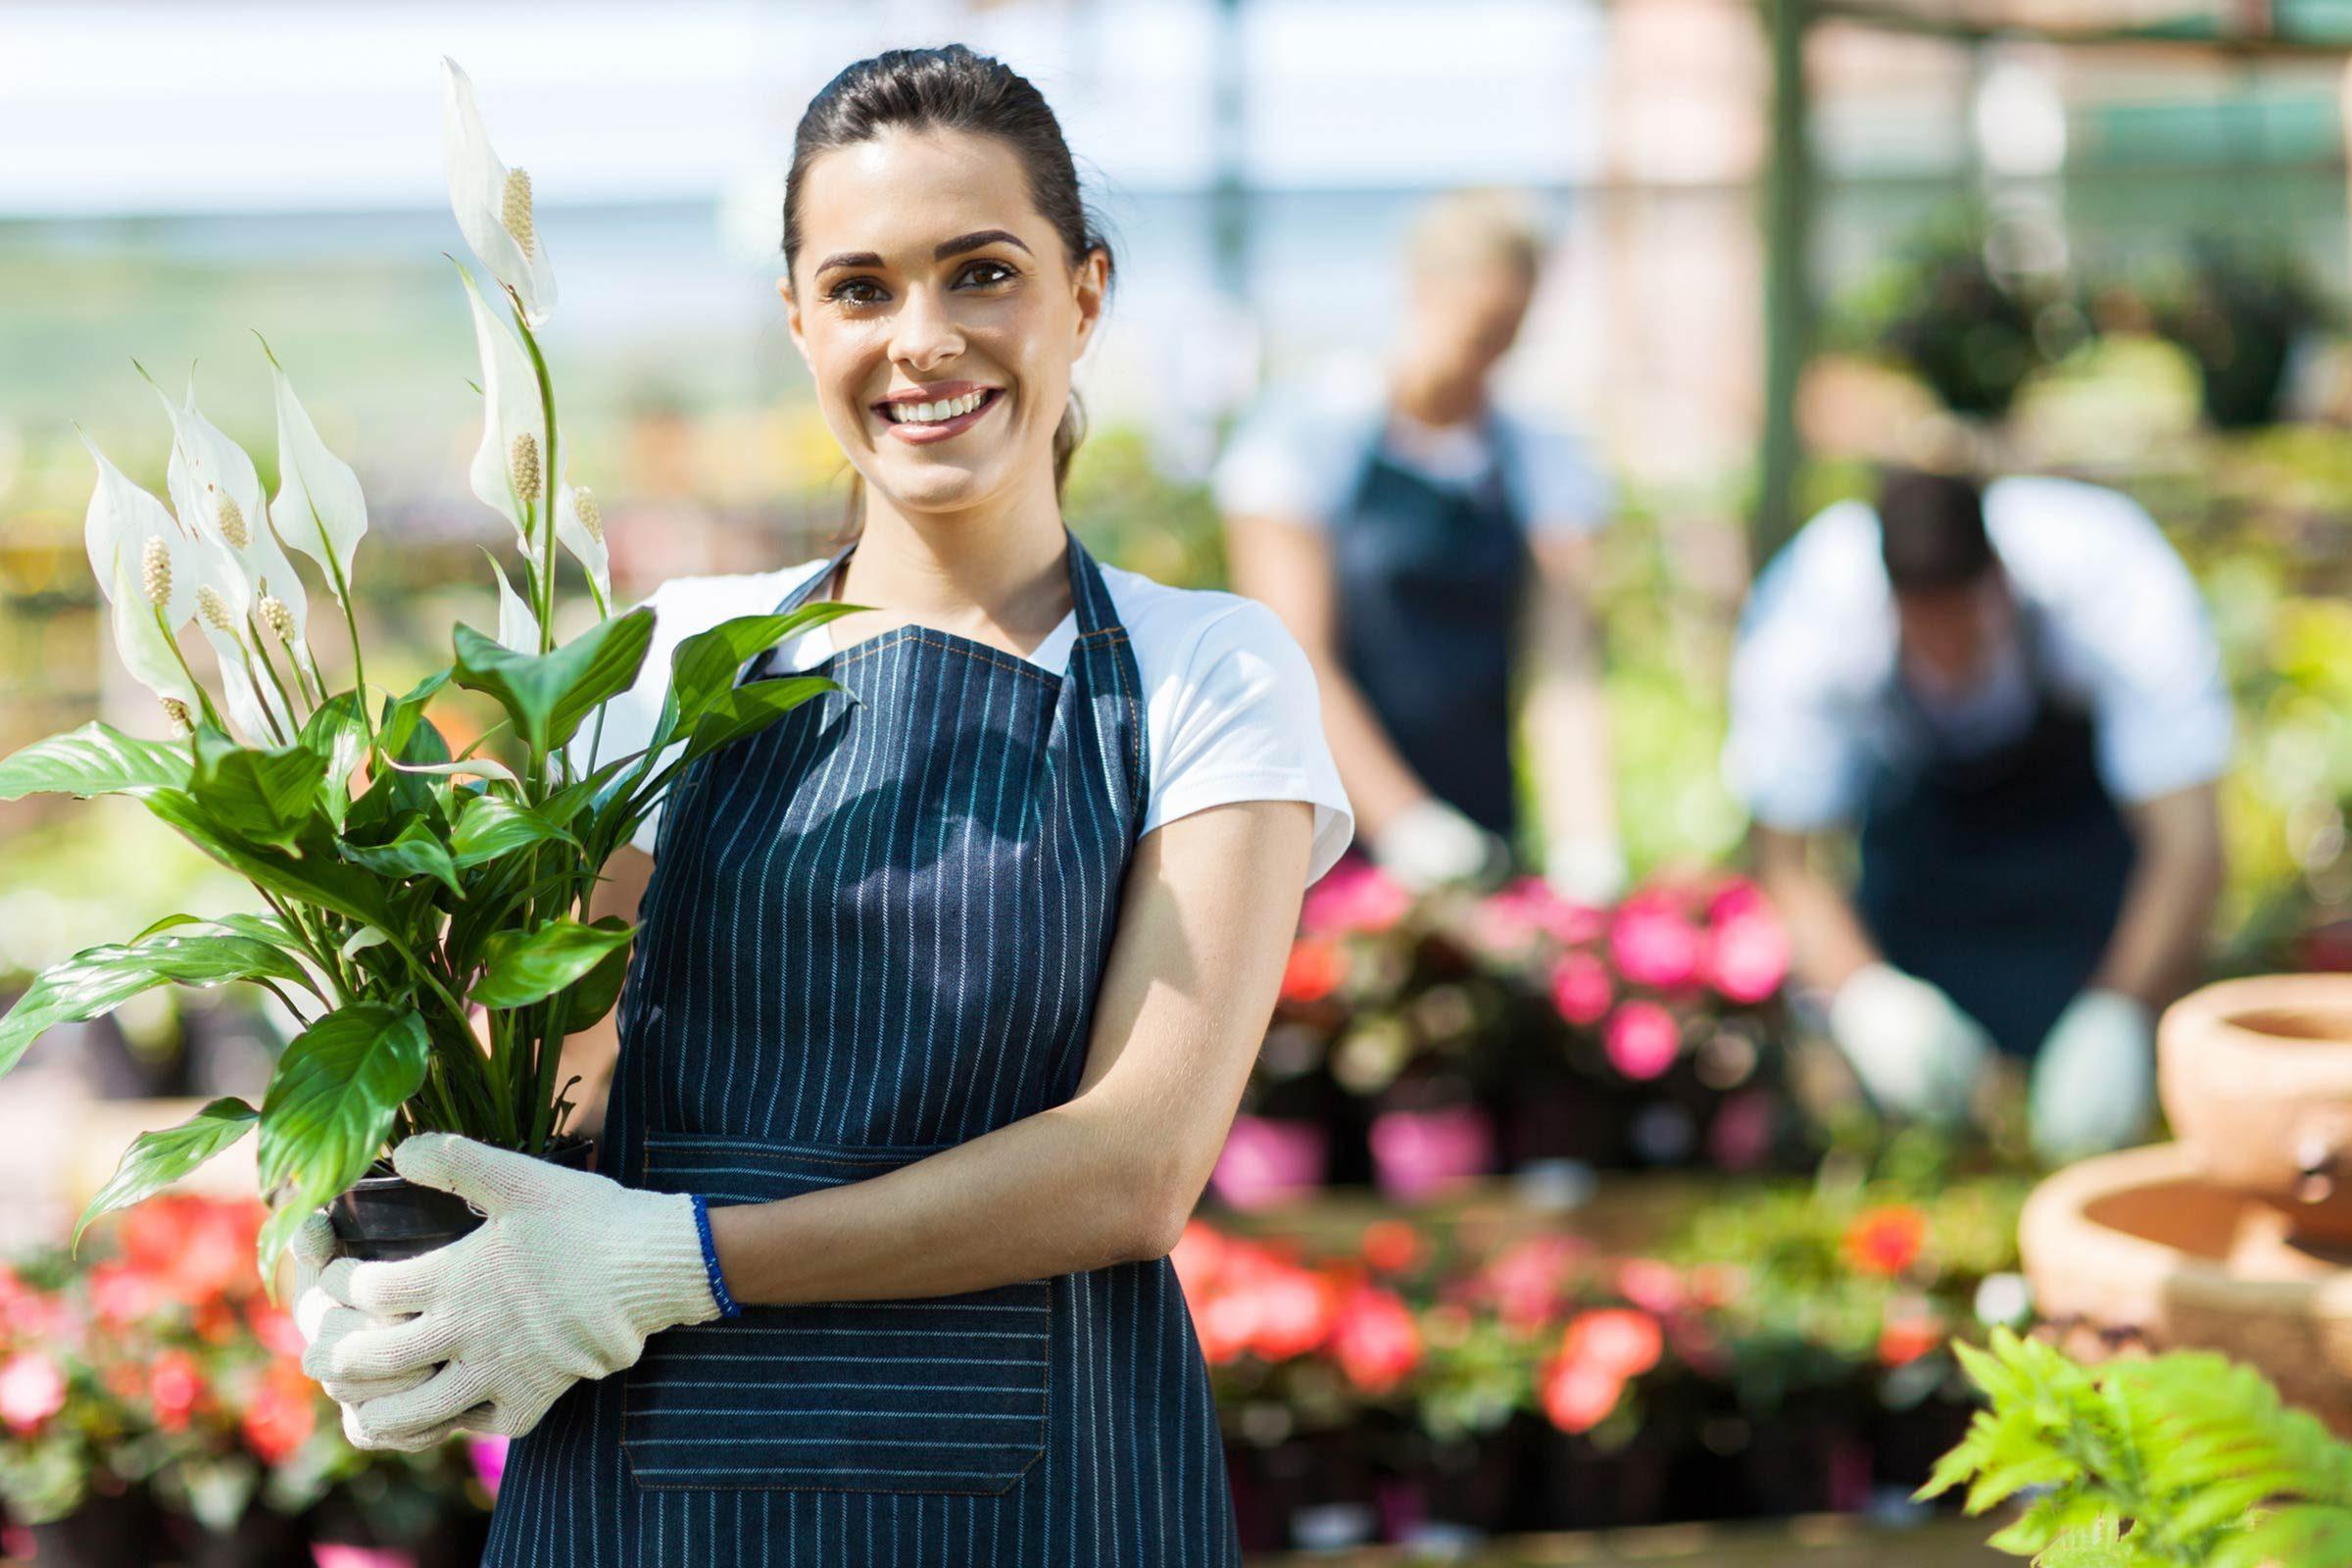 09_Esteem_Surprising_Health_benefits_Gardening